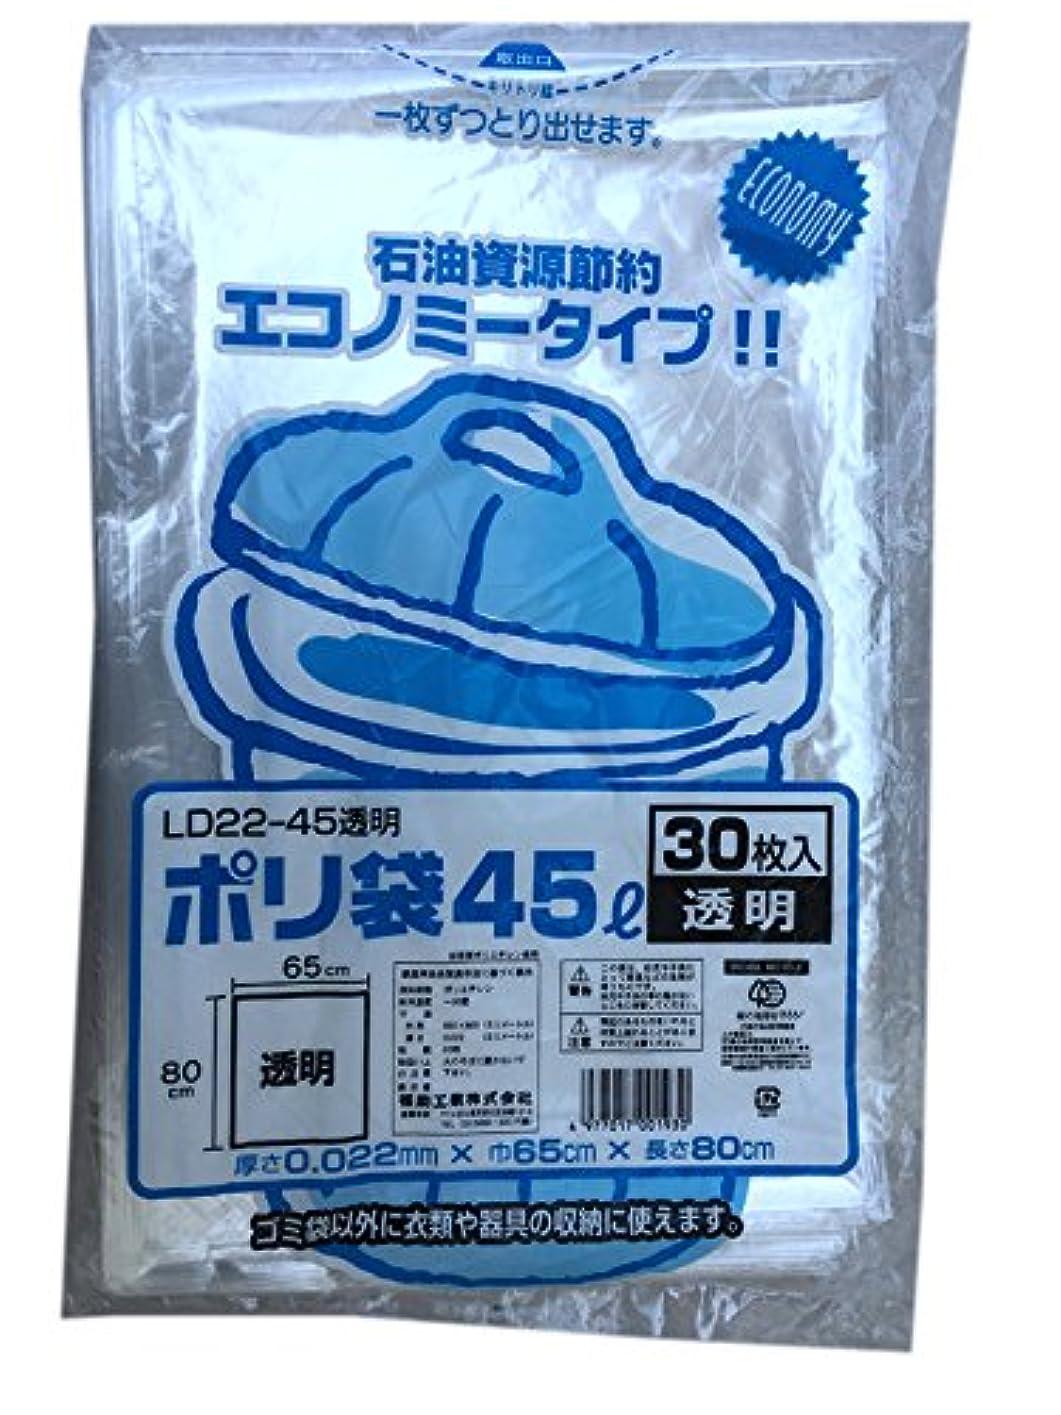 甘味あなたは委員会業務用 ゴミ袋 45L(30枚入り)1ケース(600枚) LD22-45 透明 0.022×巾650×長さ800mm